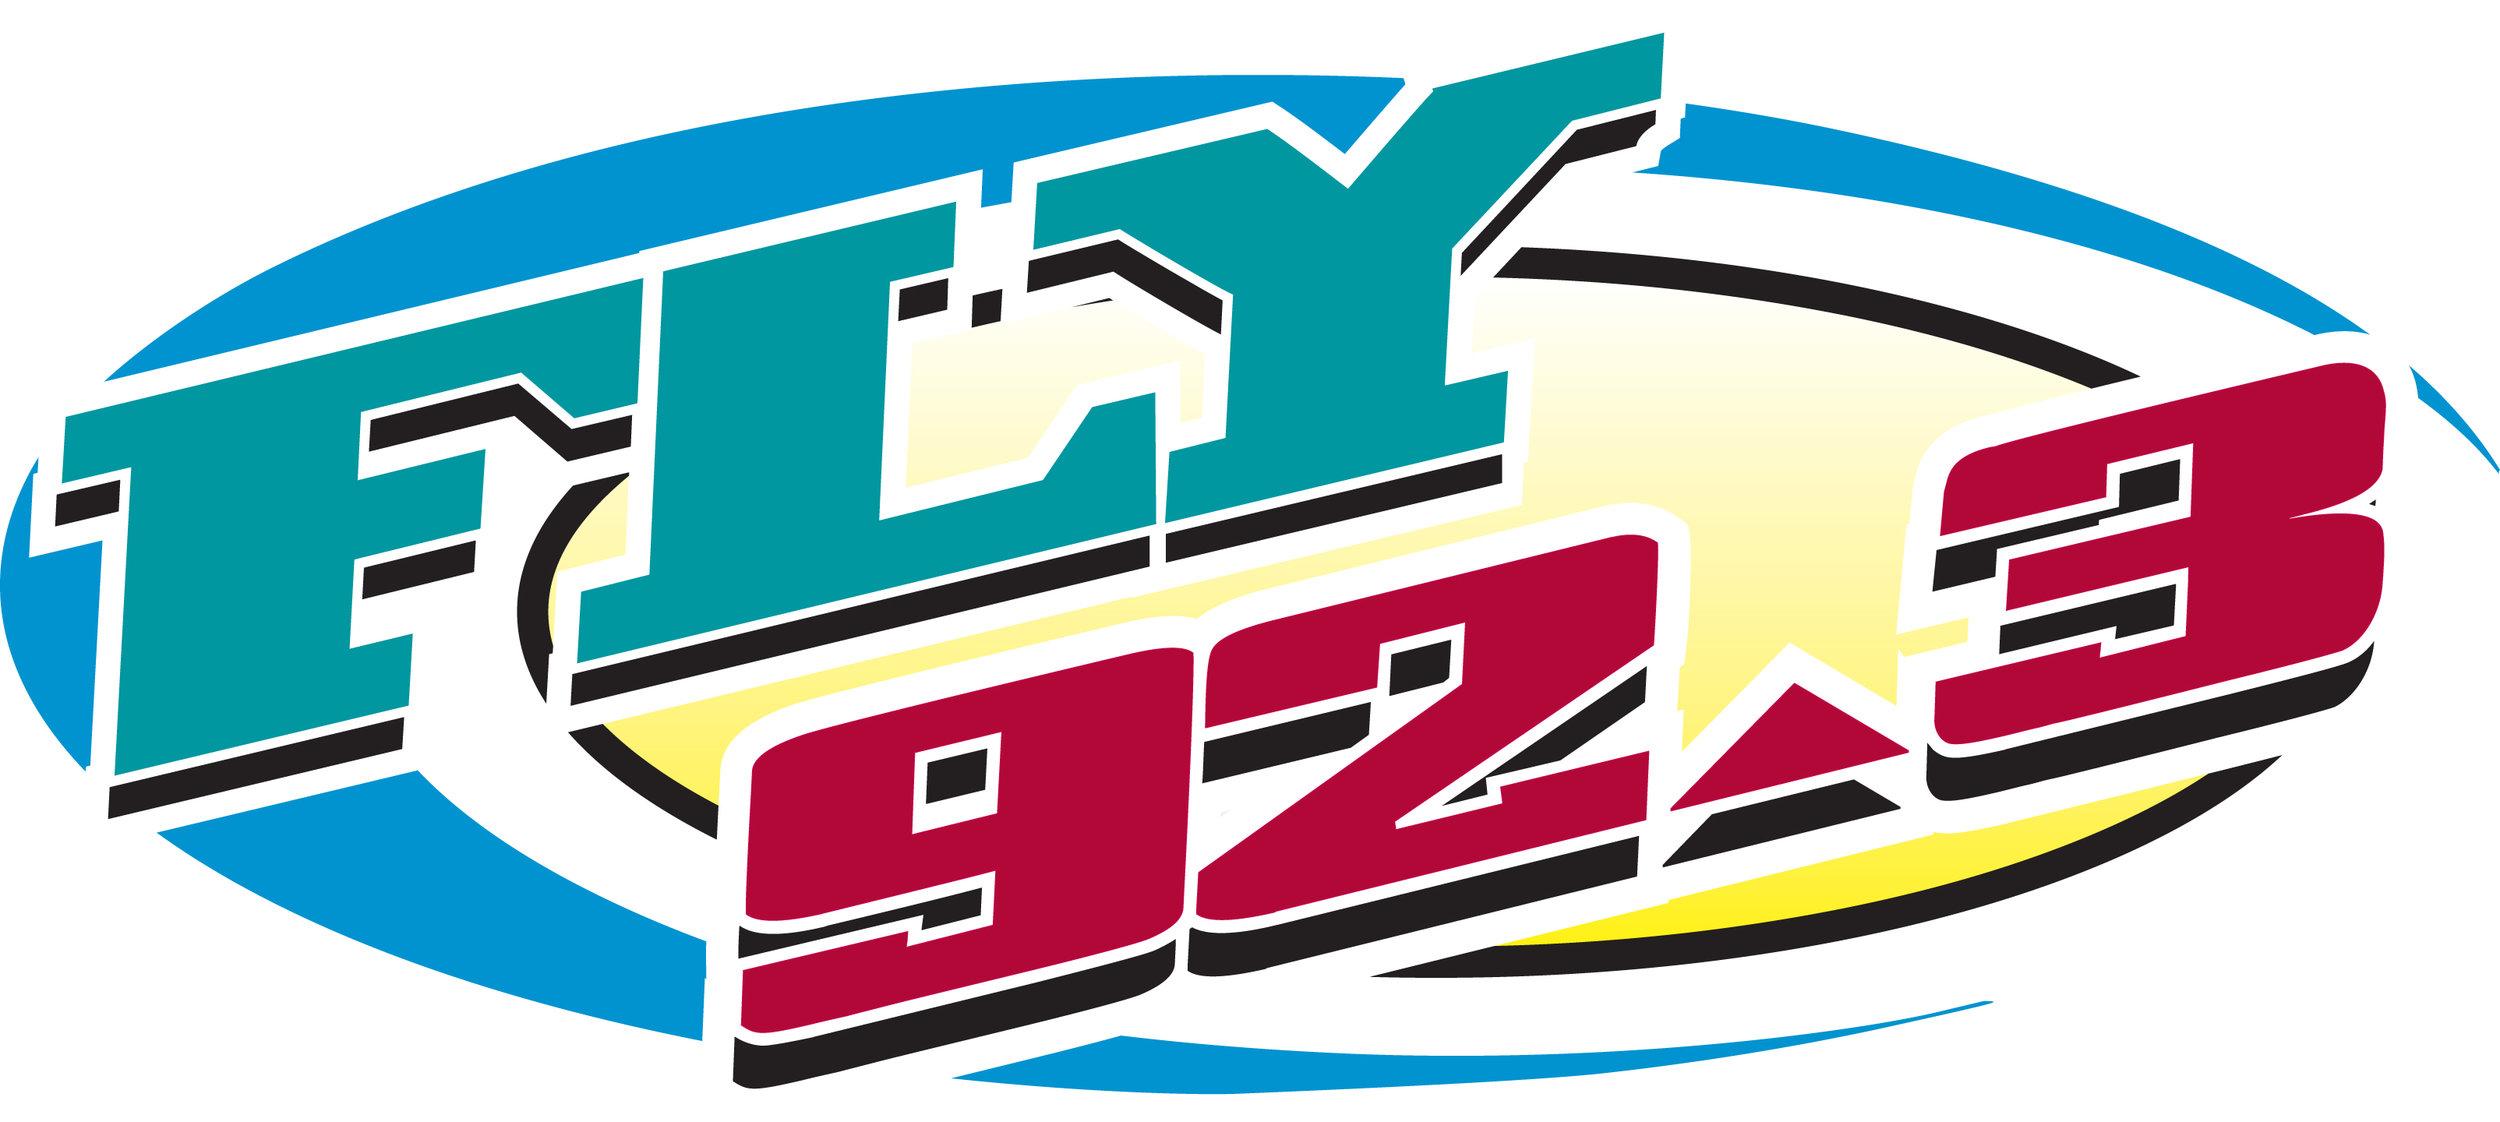 fly923-logo.jpg